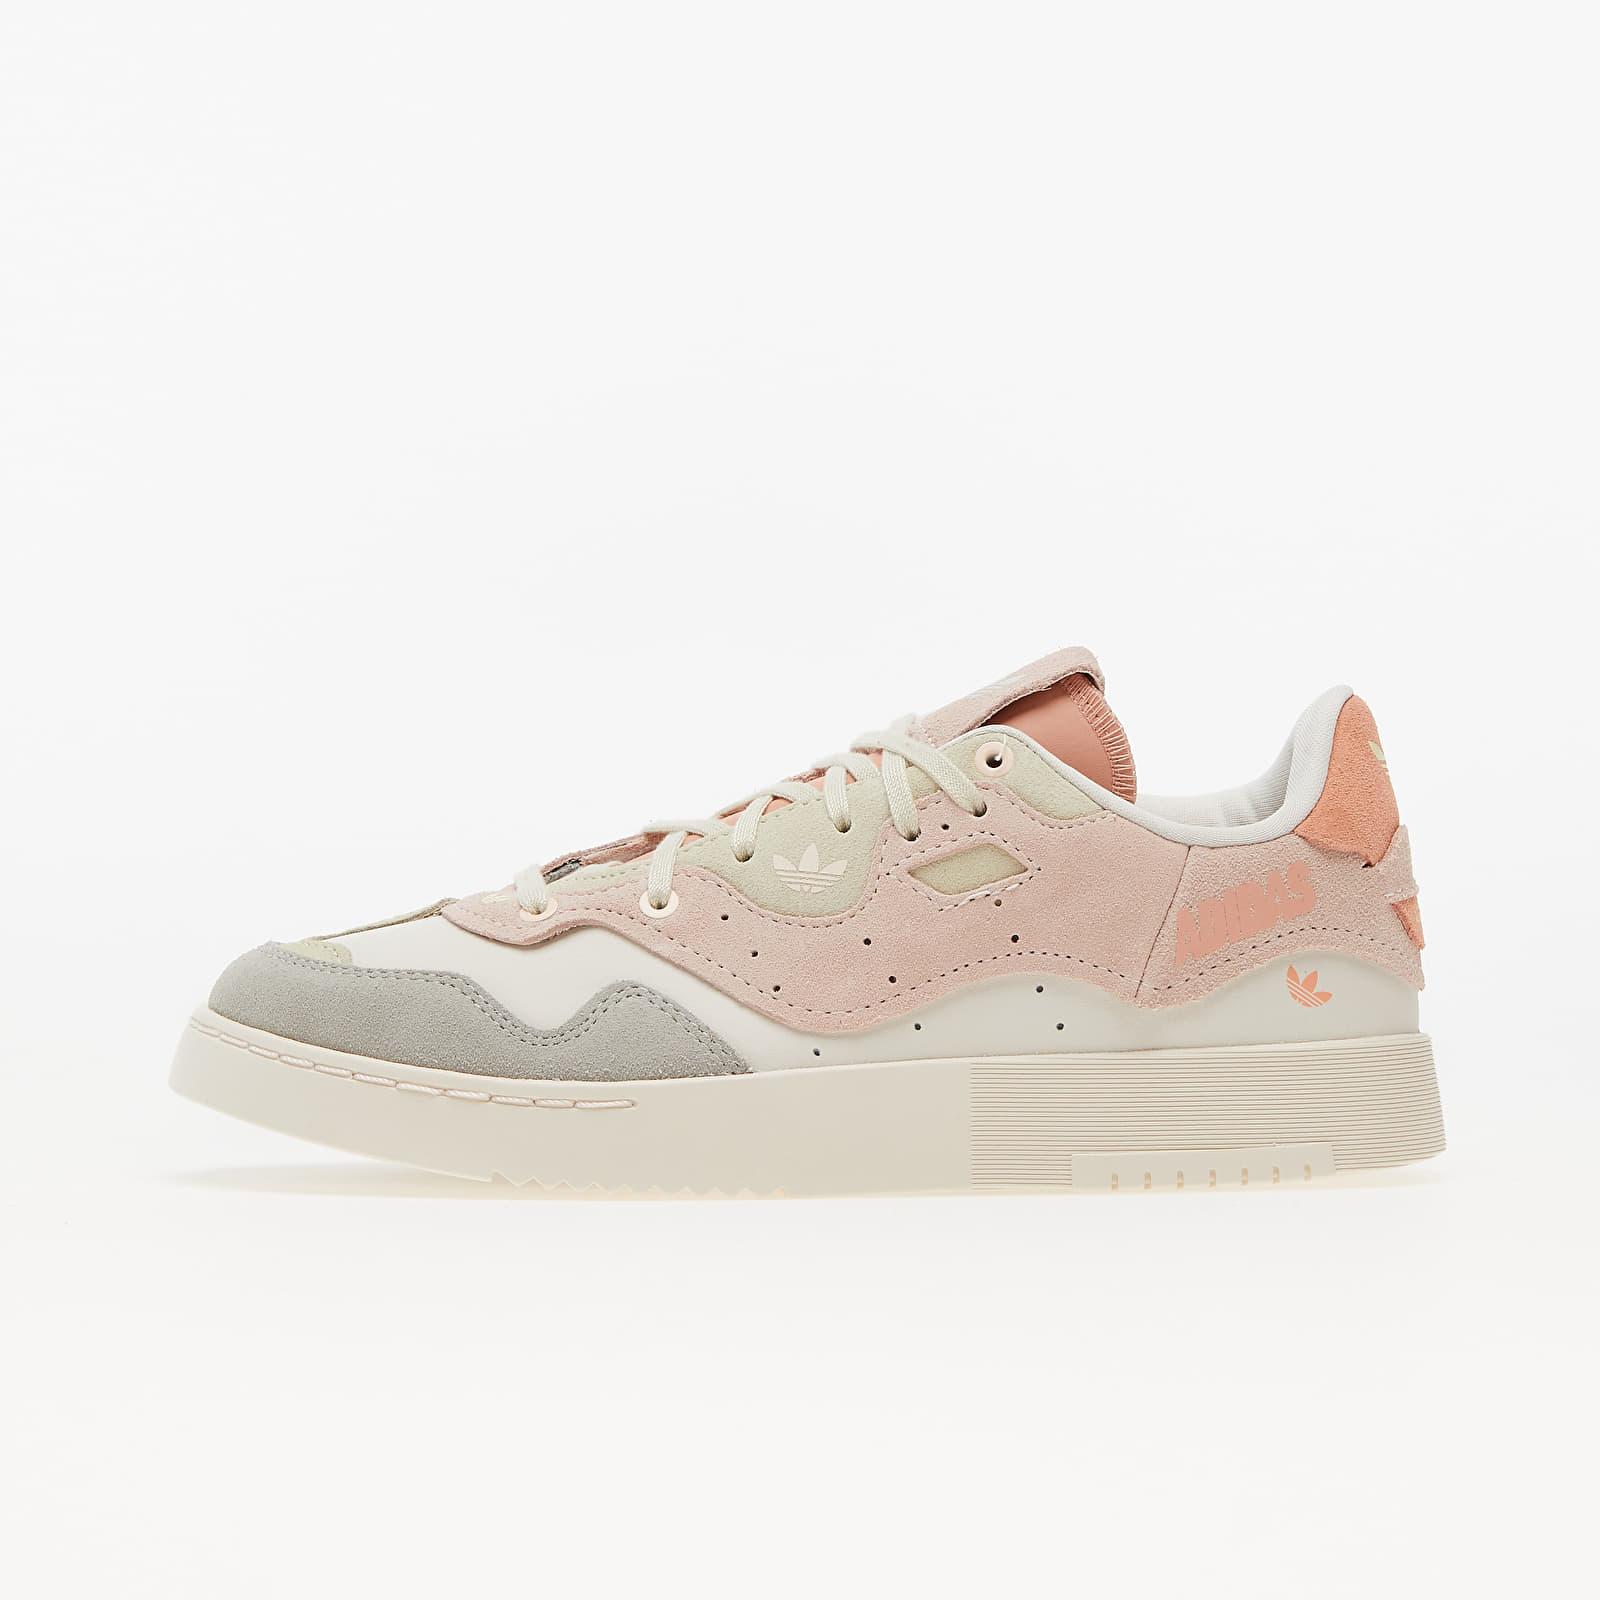 adidas Supercourt XX W Core White/ Amblus/ Pink Tint EUR 40